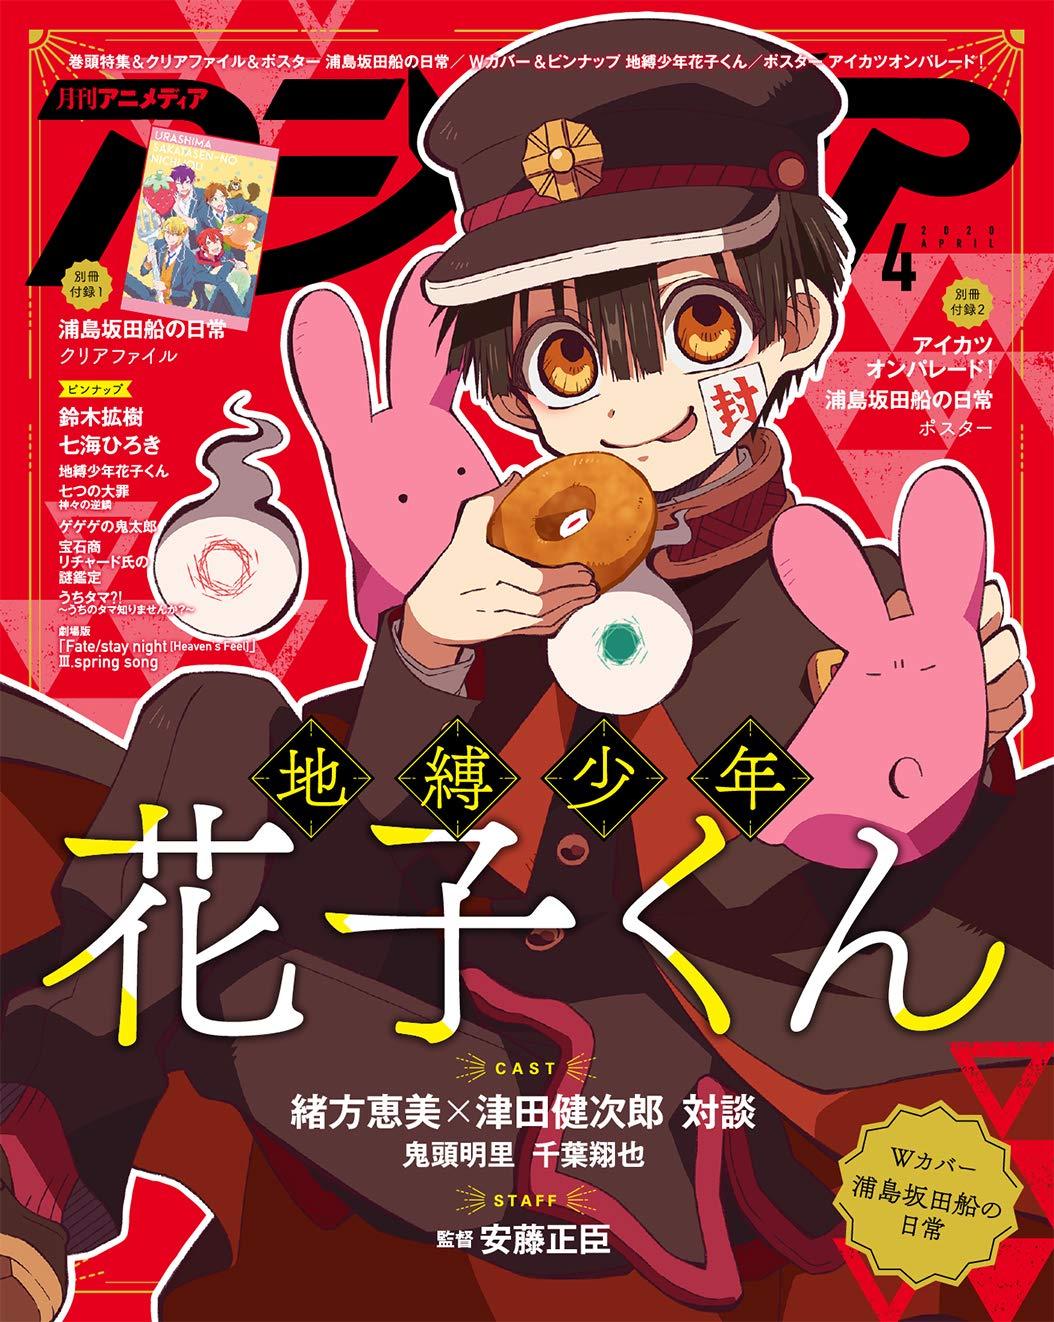 ディア 2020 アニメ 6 月 号